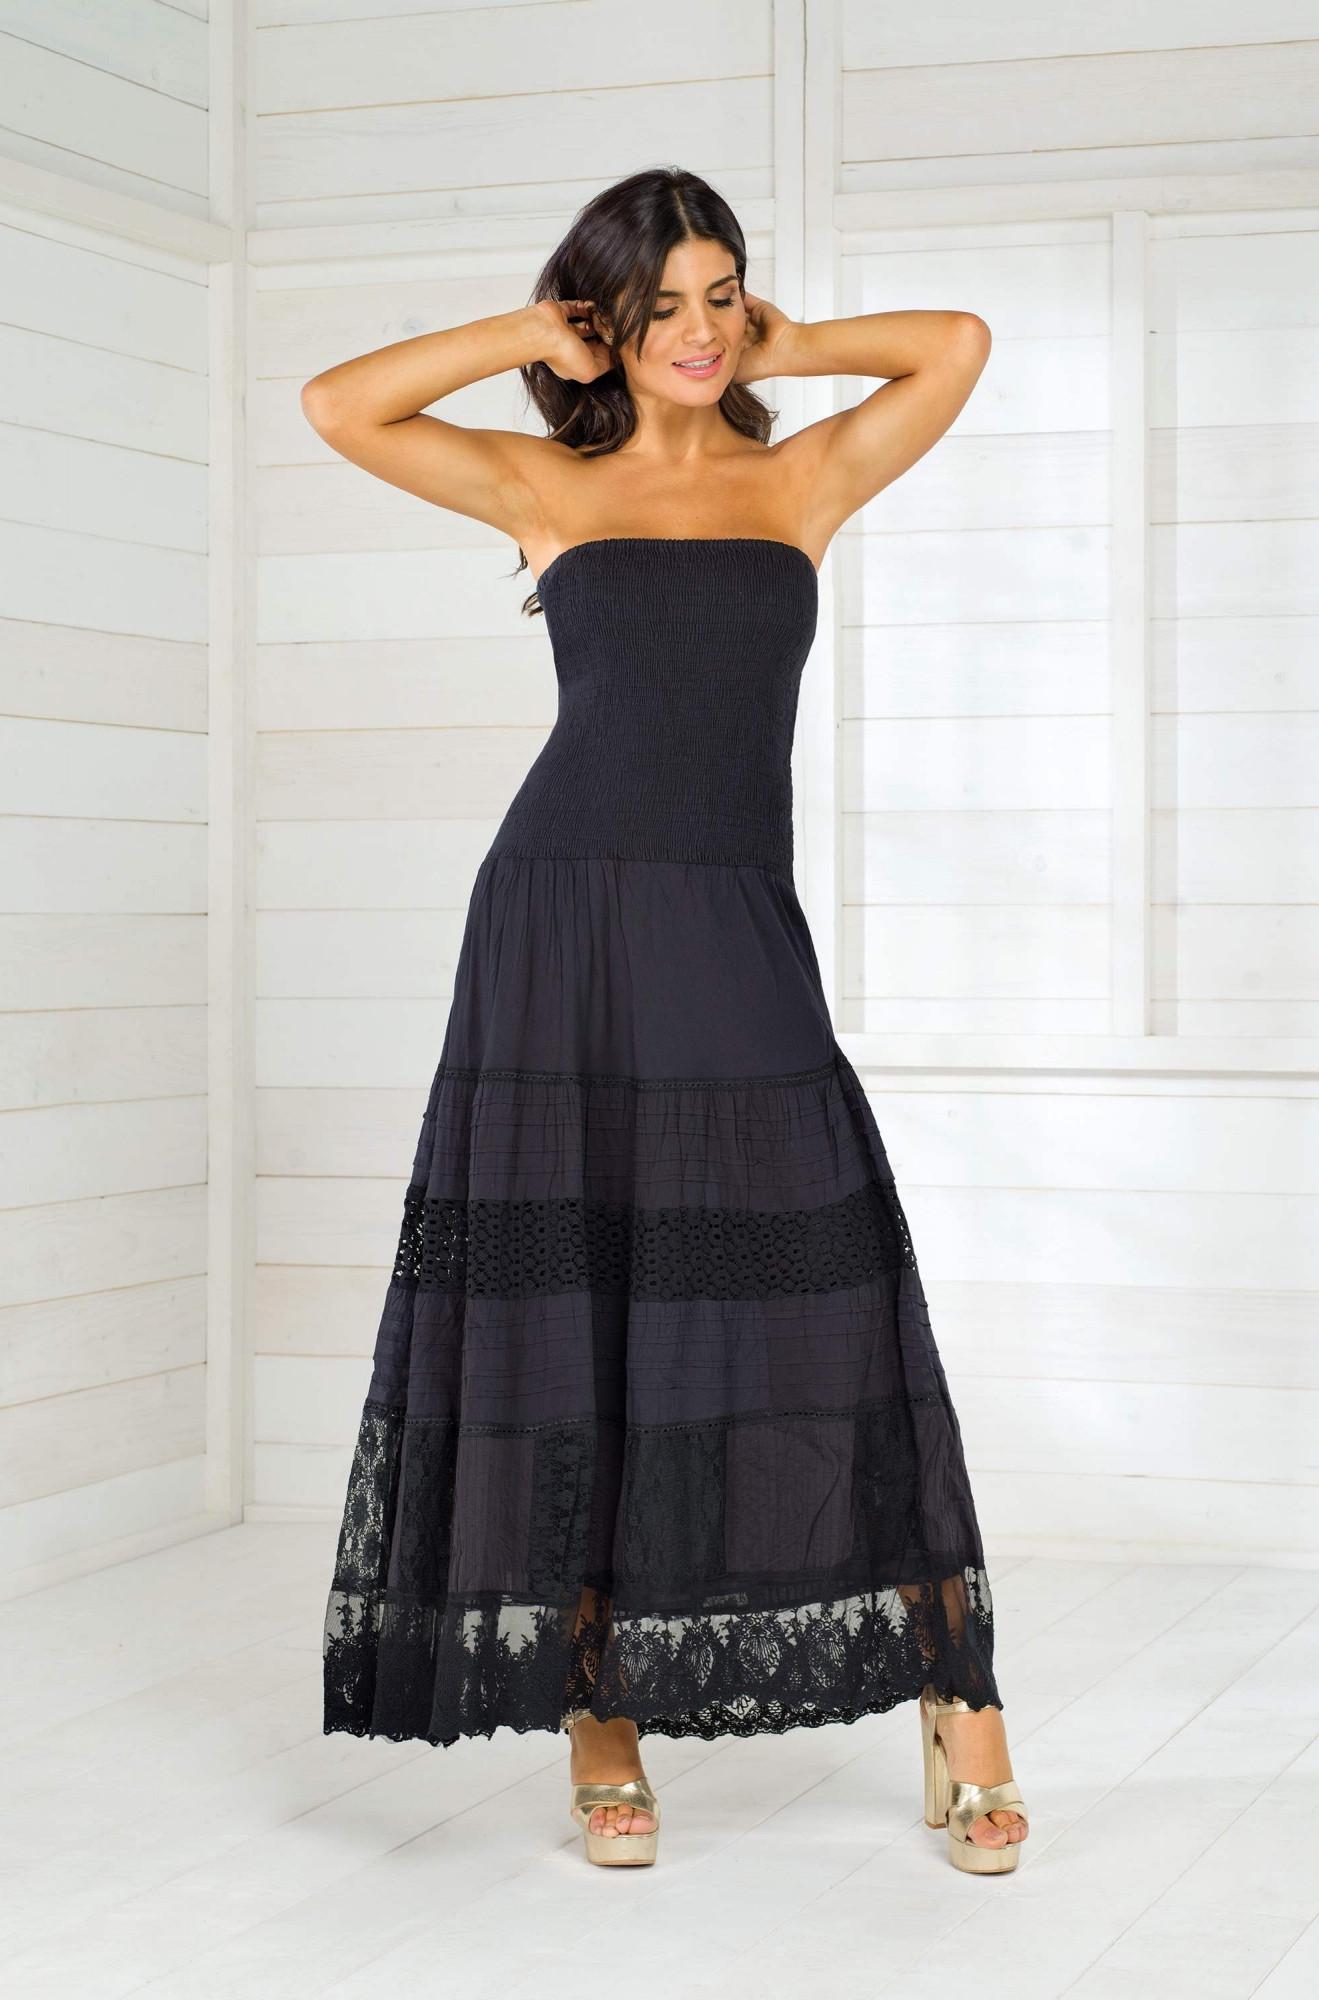 Довге пляжне плаття на гумці Iconique IC8-016 N - фото №1 2ec0aac20e459